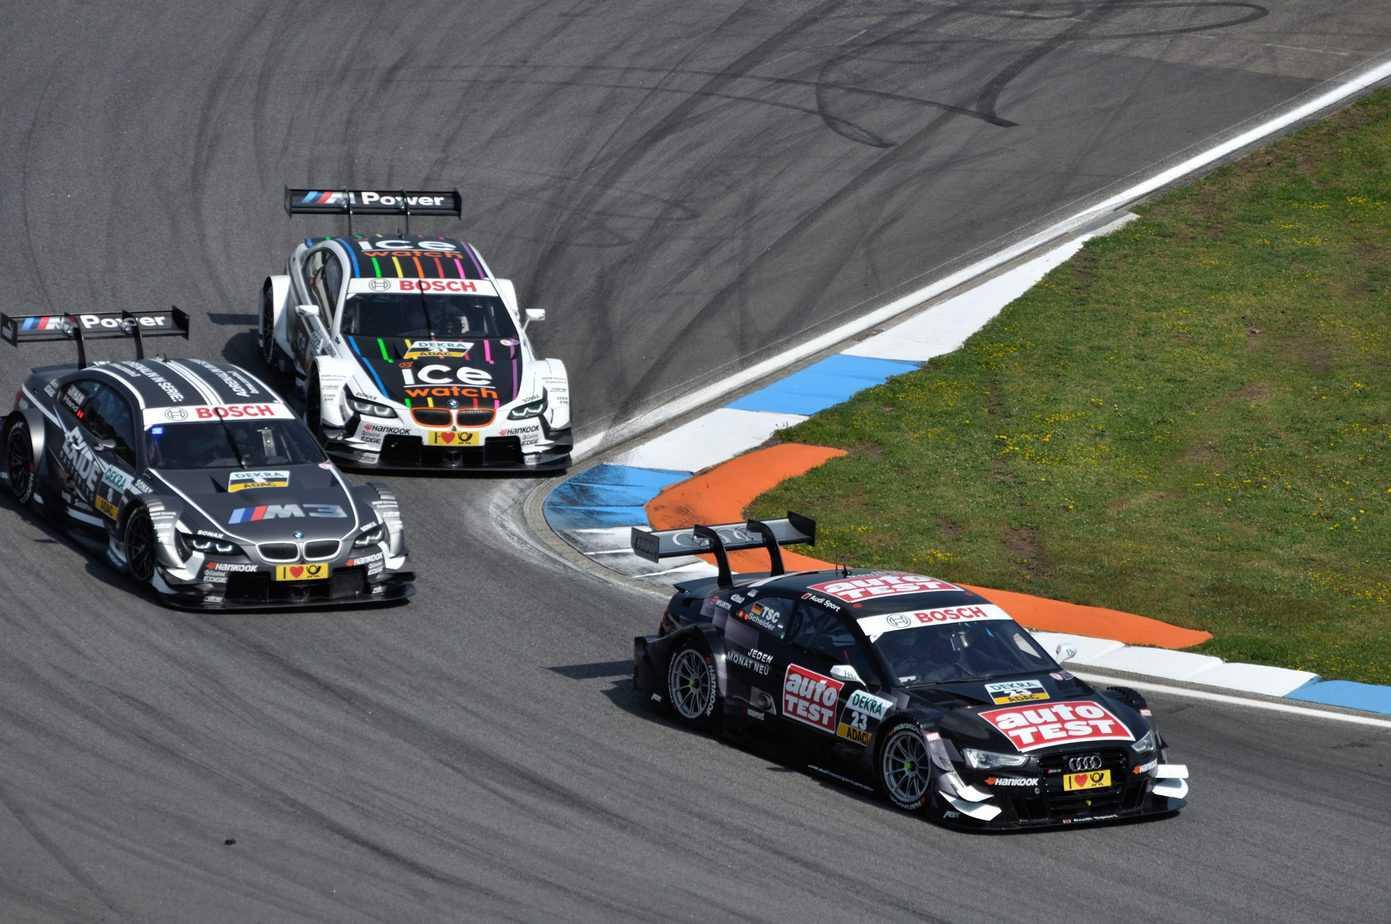 Fantastyczne zawody Roberta Kubicy! Polak wywalczył podium w serii DTM!